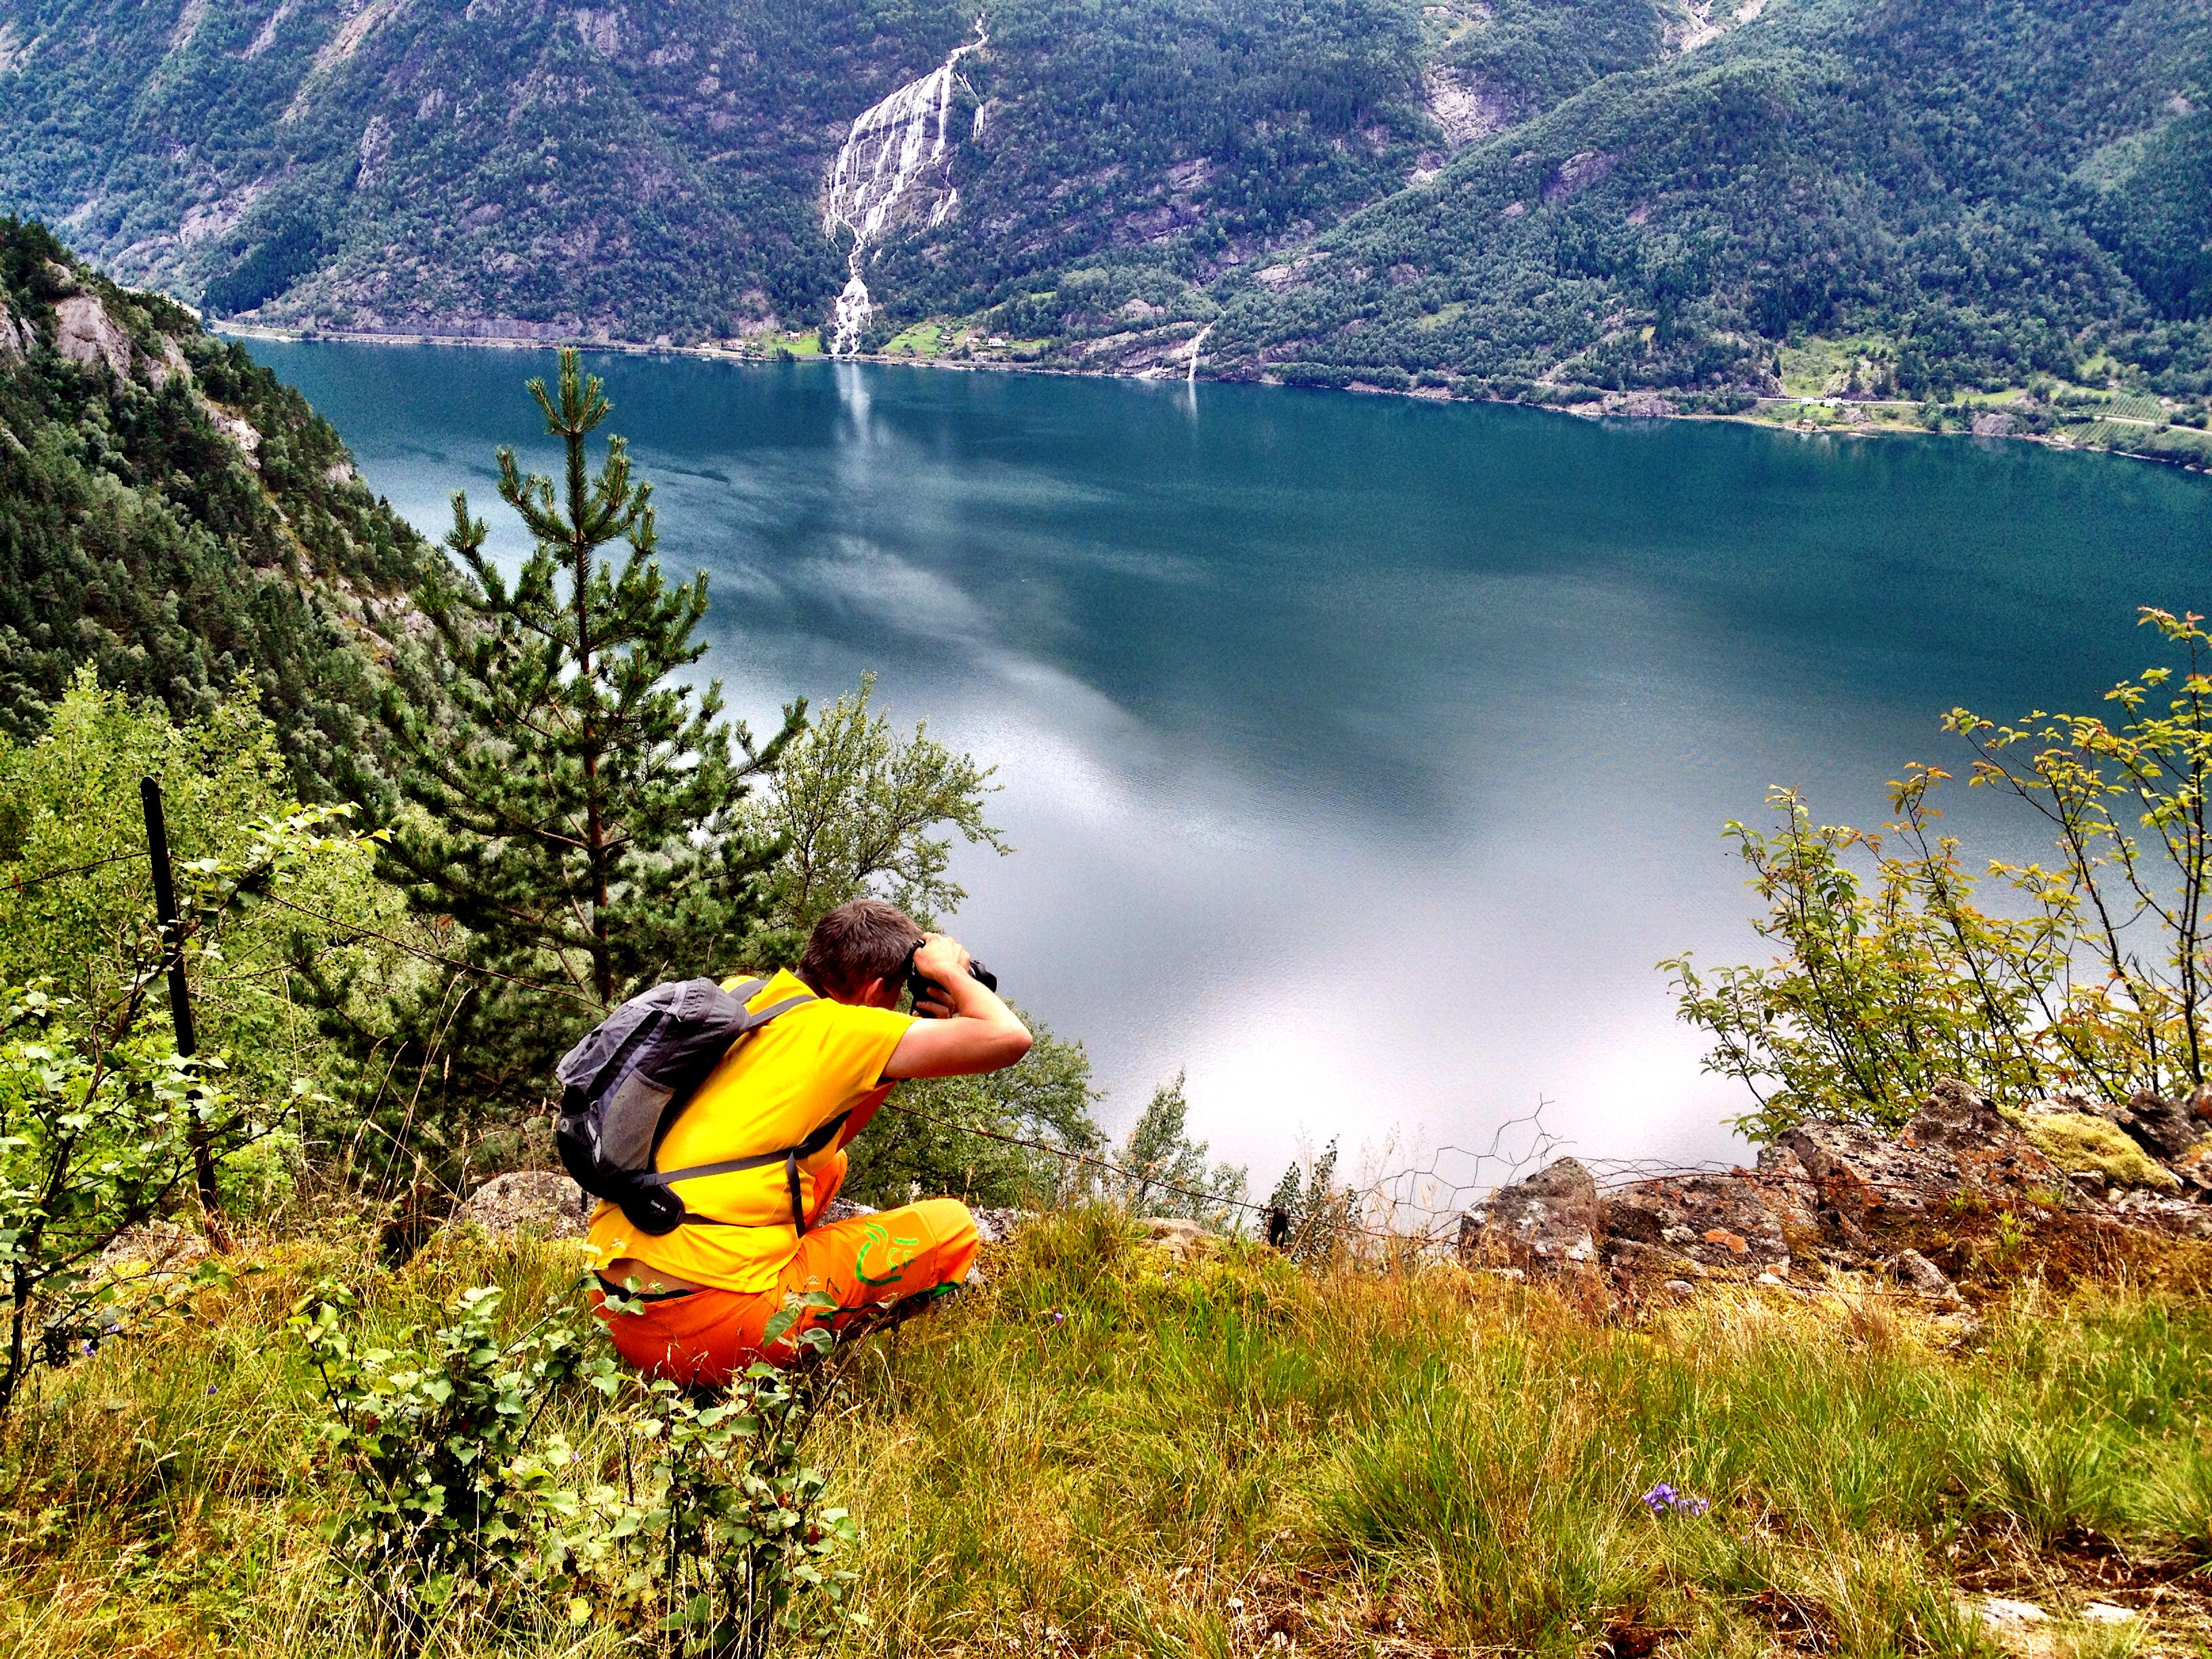 Fotografering fra Isberg og utover Sørfjorden, Hardanger